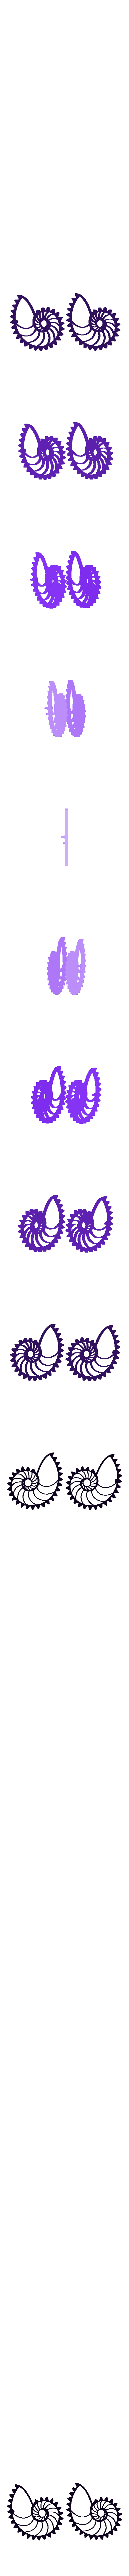 gear.stl Télécharger fichier STL gratuit Ouvrir Fermerture Fermer Panneau • Modèle pour imprimante 3D, year1984wee